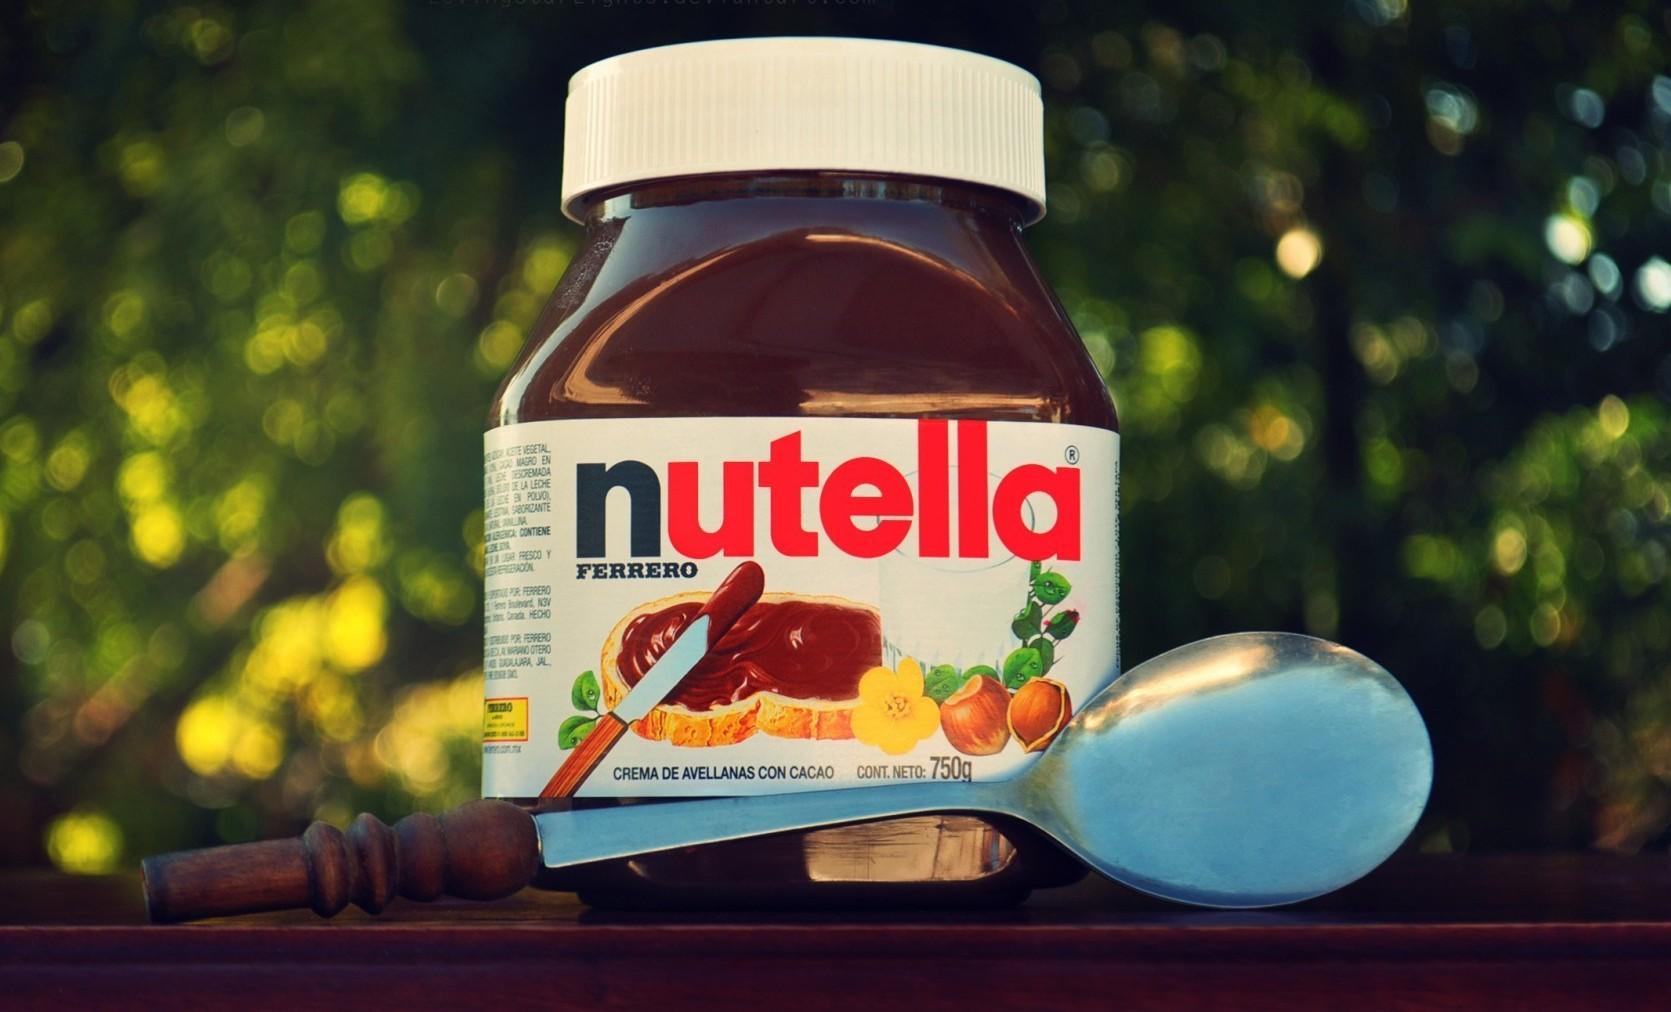 photo-nutella-hd-wallpaper